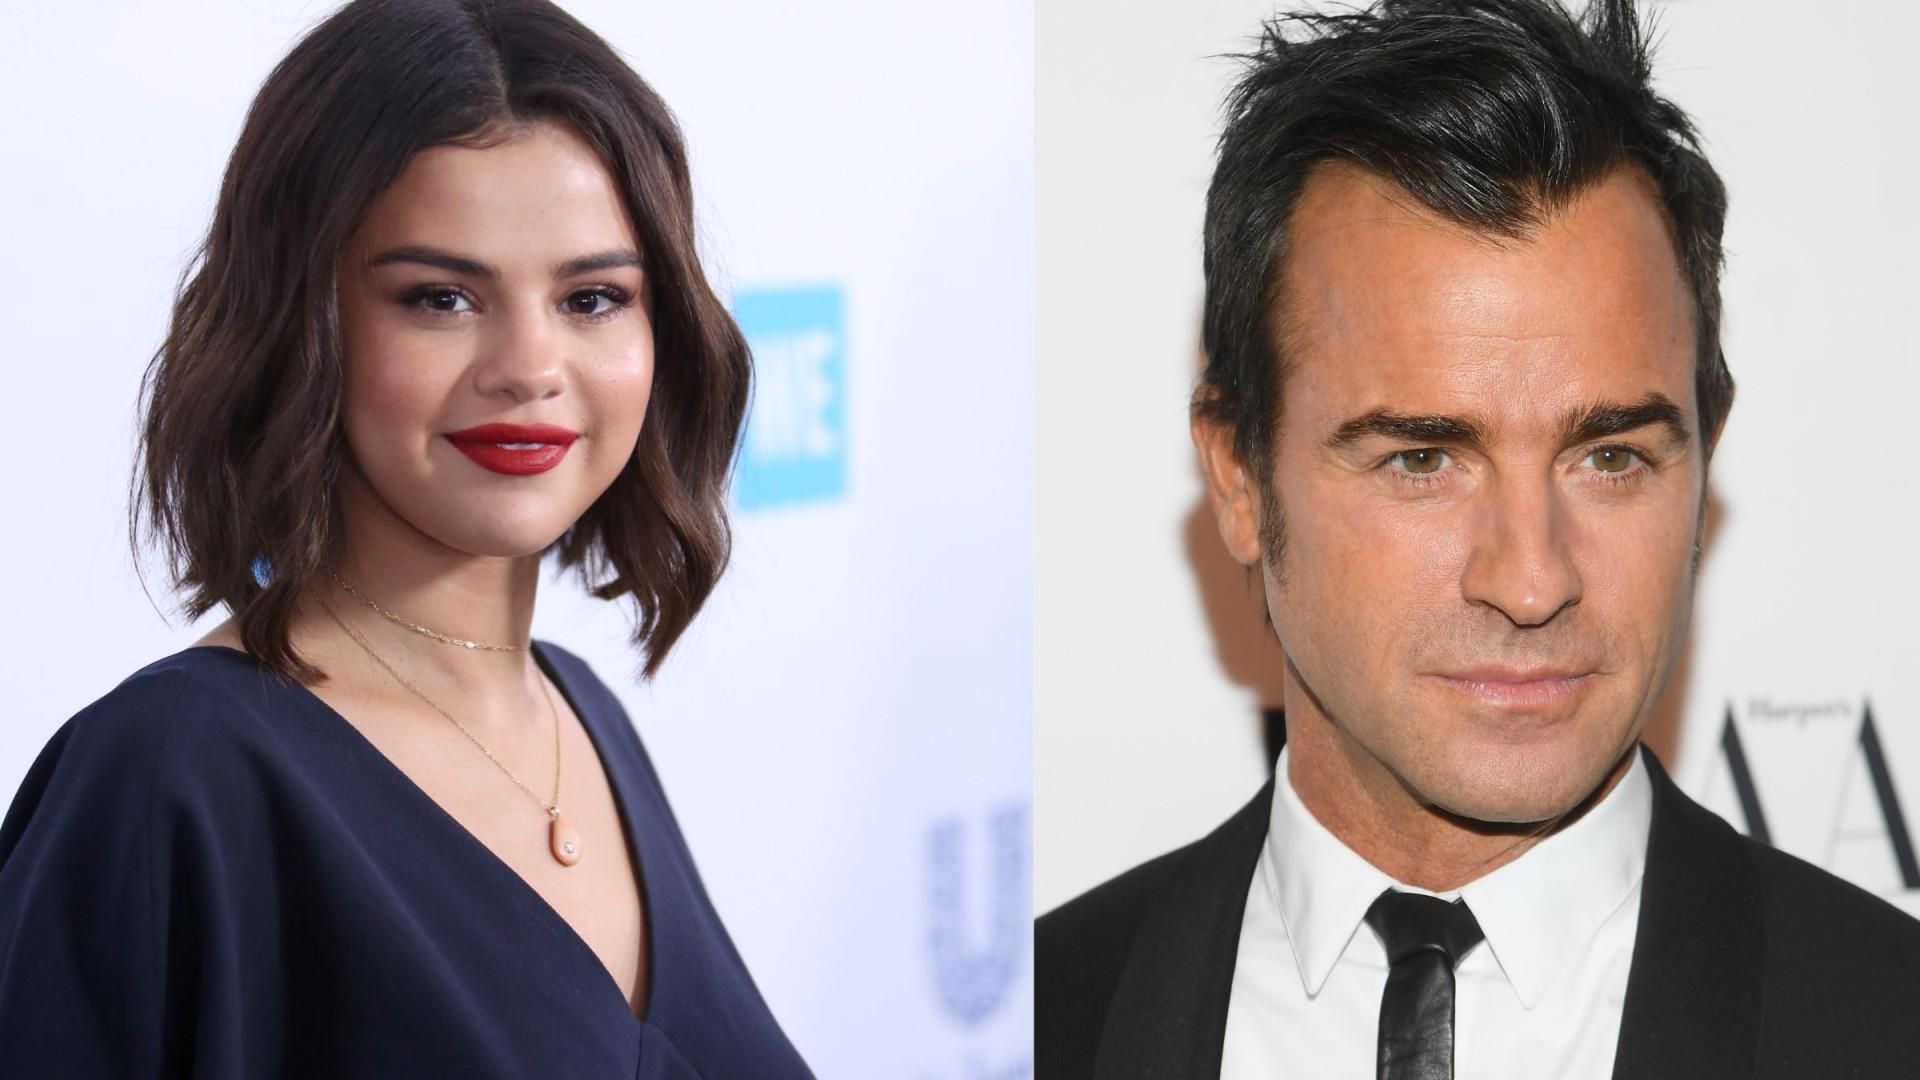 Selena Gomez anda a sair com 'ex' de Jennifer Aniston... Será?